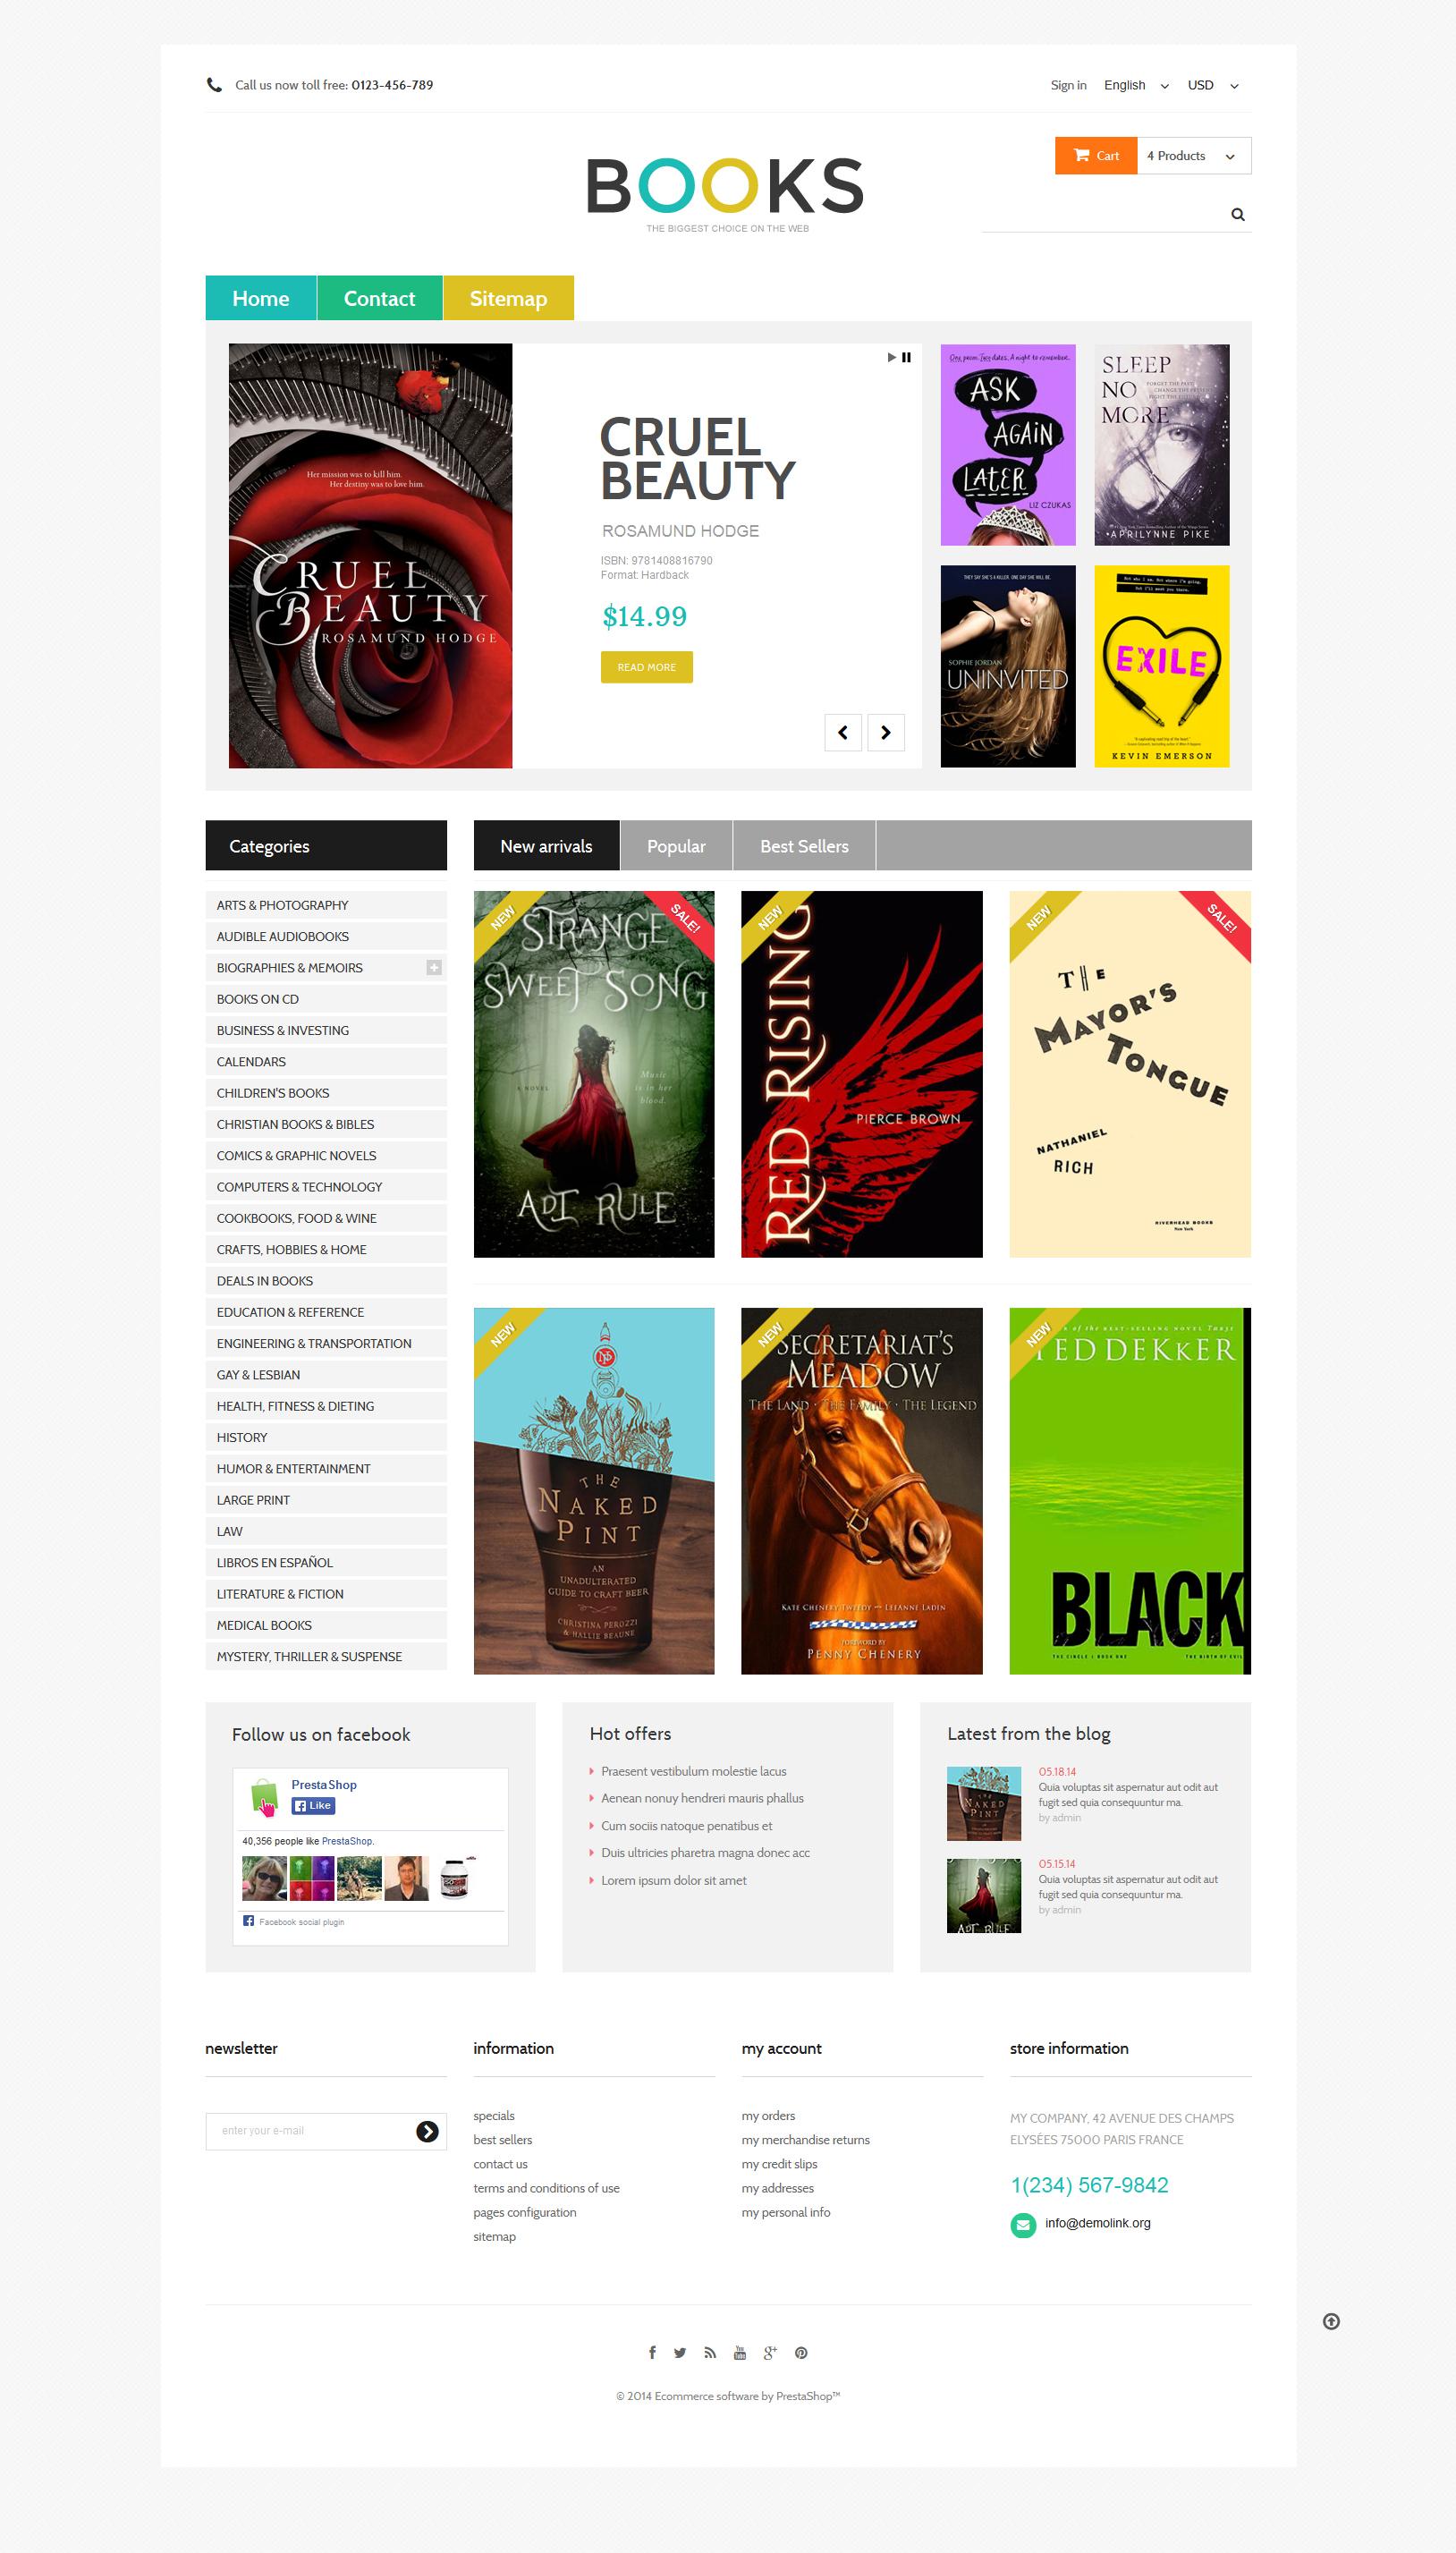 Modello prestashop per un sito di libri for Sito per acquistare libri